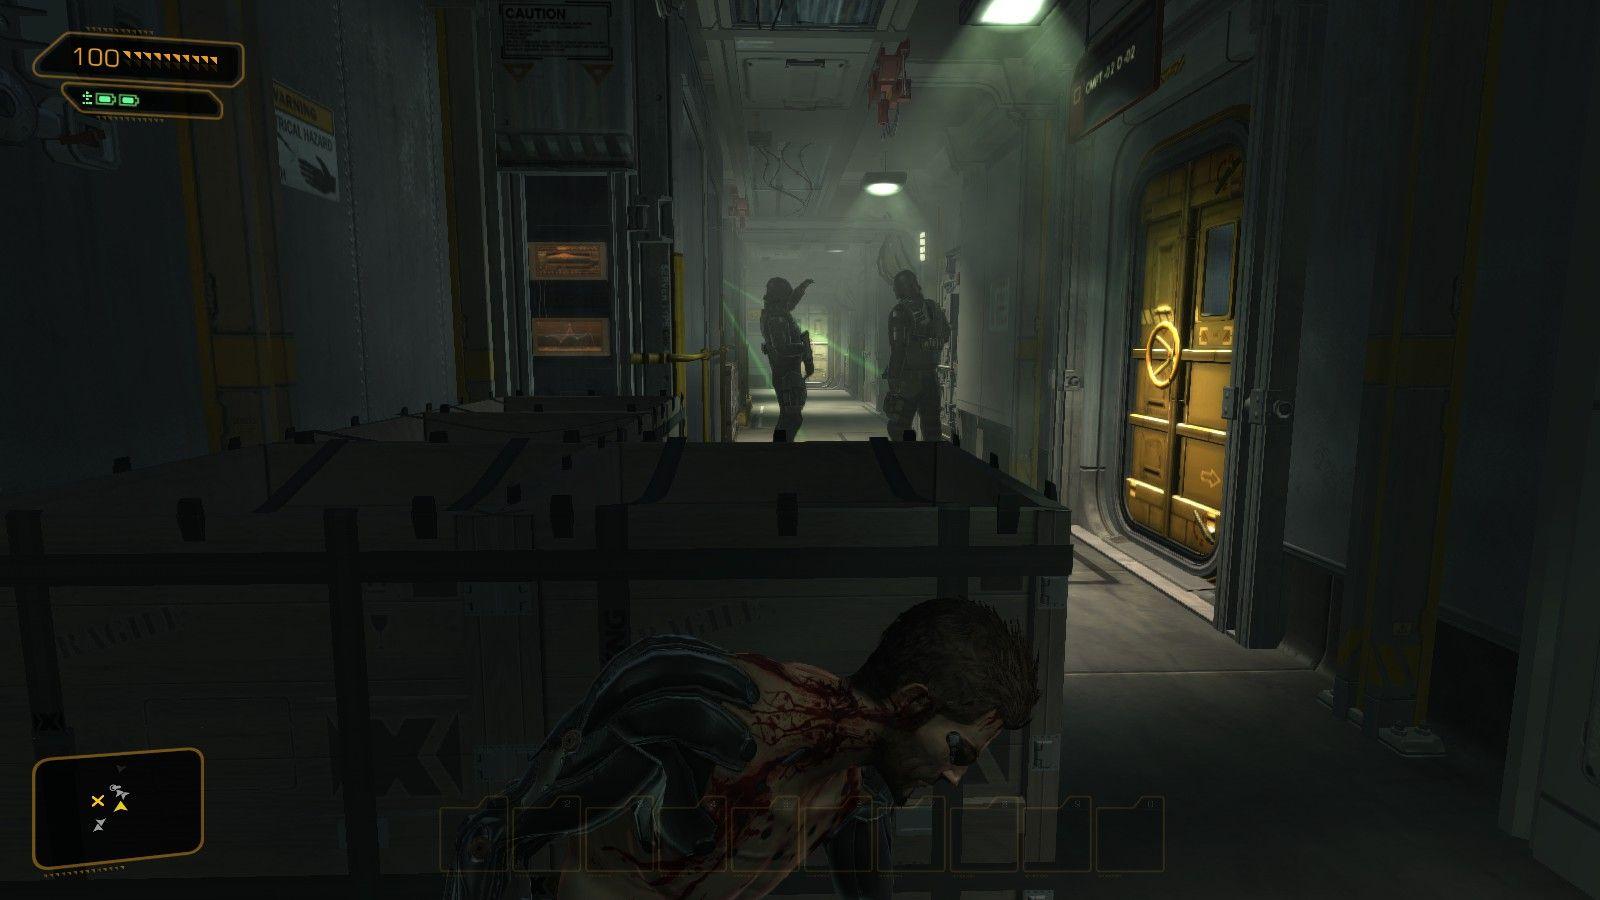 La prima parte del gioco andrà affrontata furtivamente.